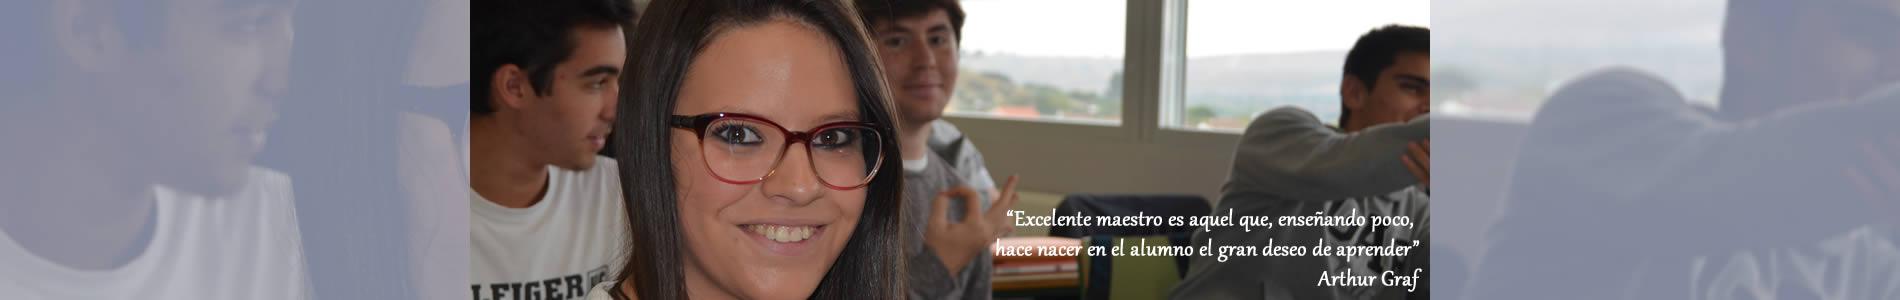 COLEGIO MAYOL - COLEGIO INTERNADO - EDUCACIÓN INFANTIL GUARDERIA III